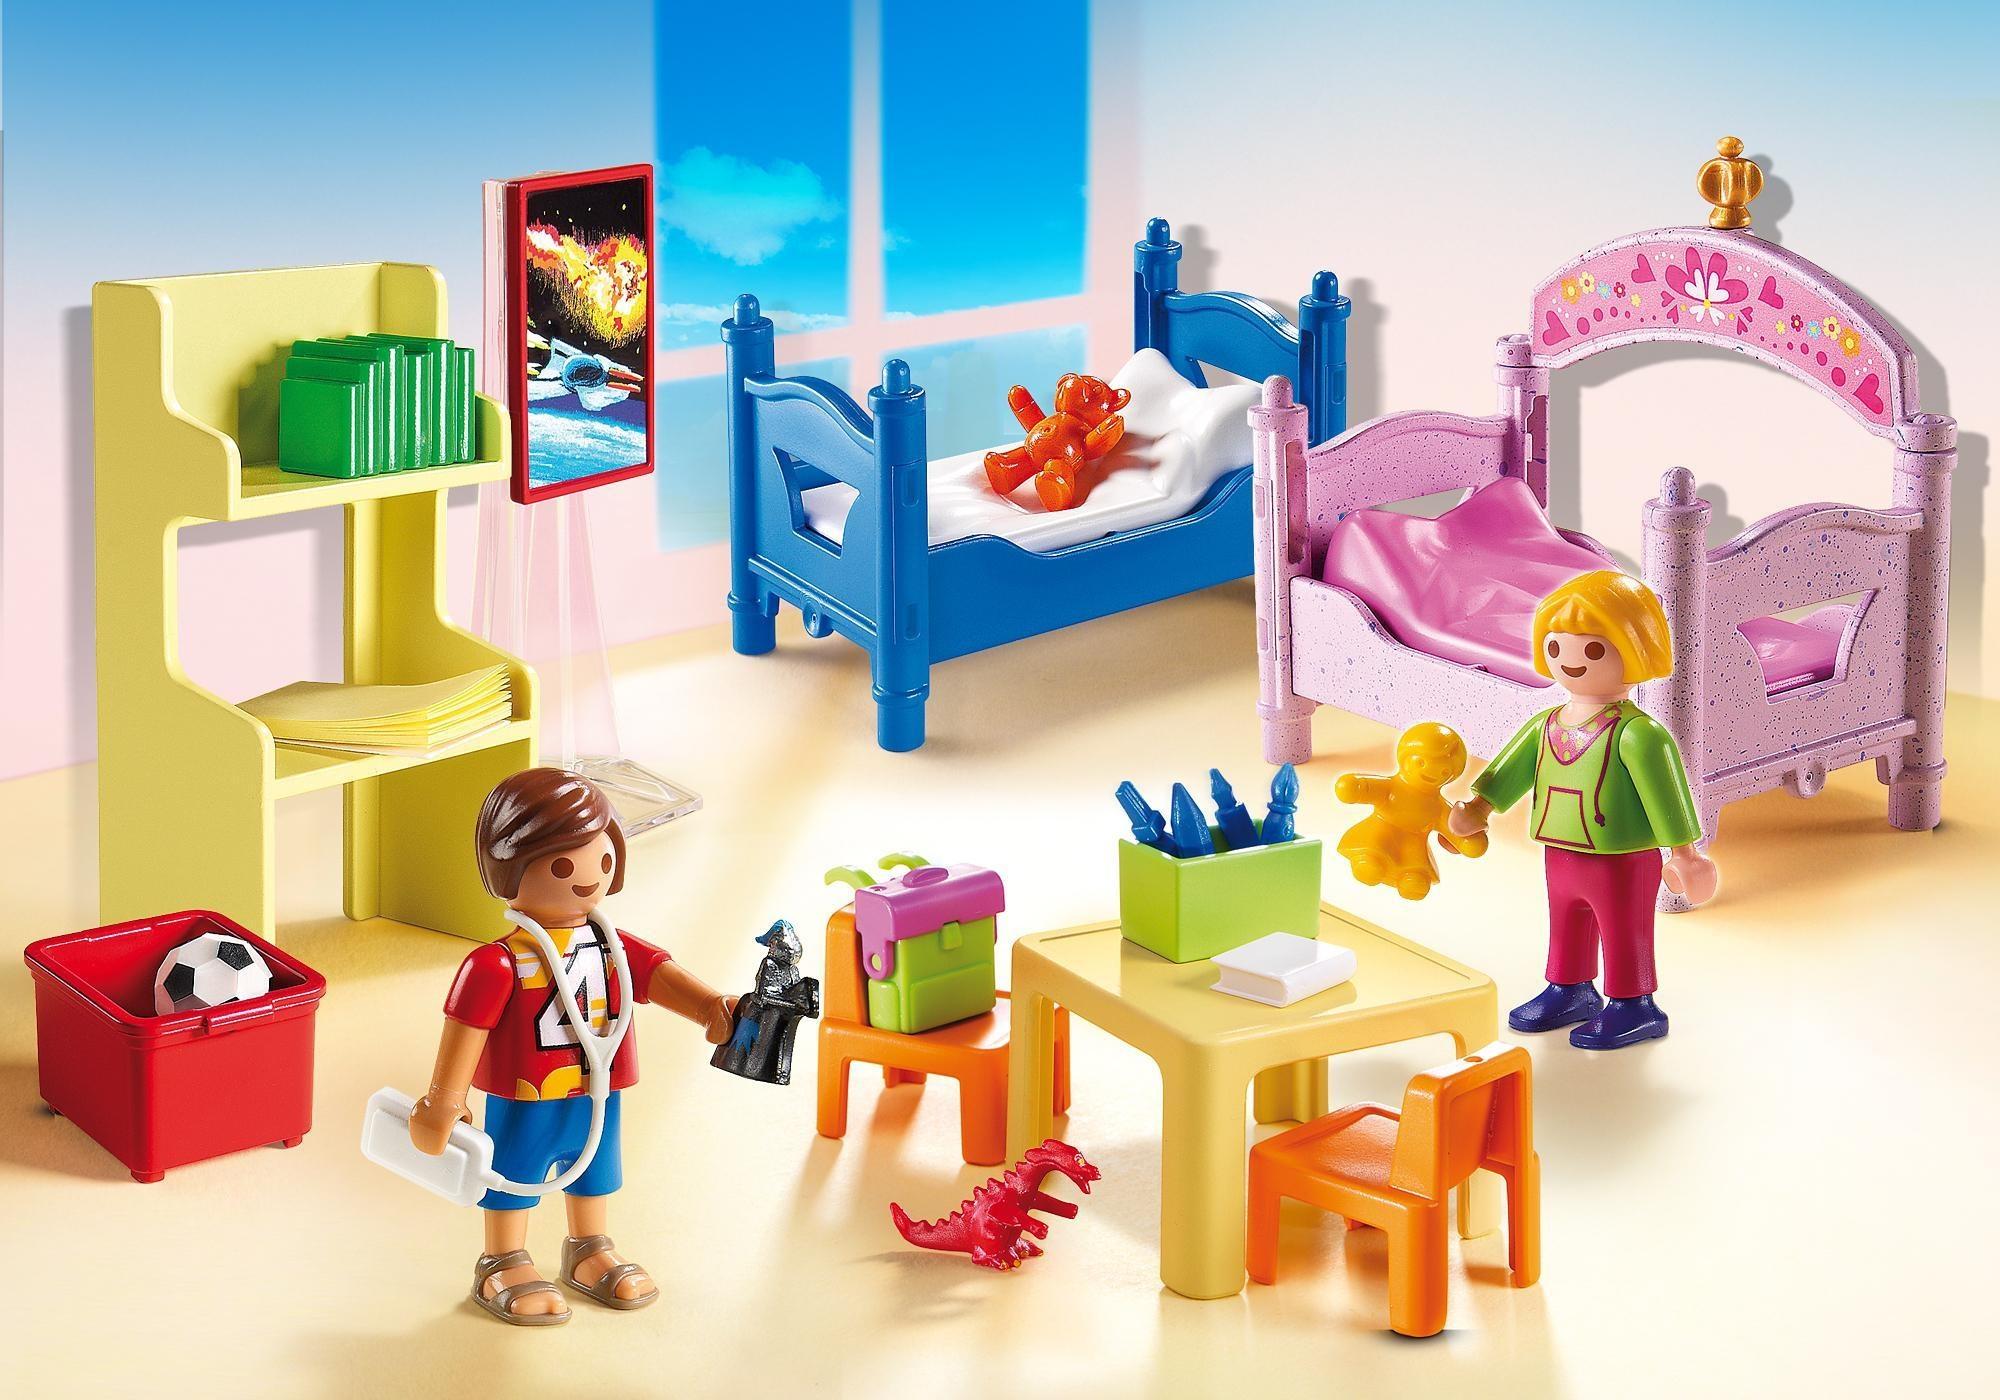 Etagenbett Puppenstube : Playmobil puppenhaus: kinderzimmer mit etagenbetten 5306